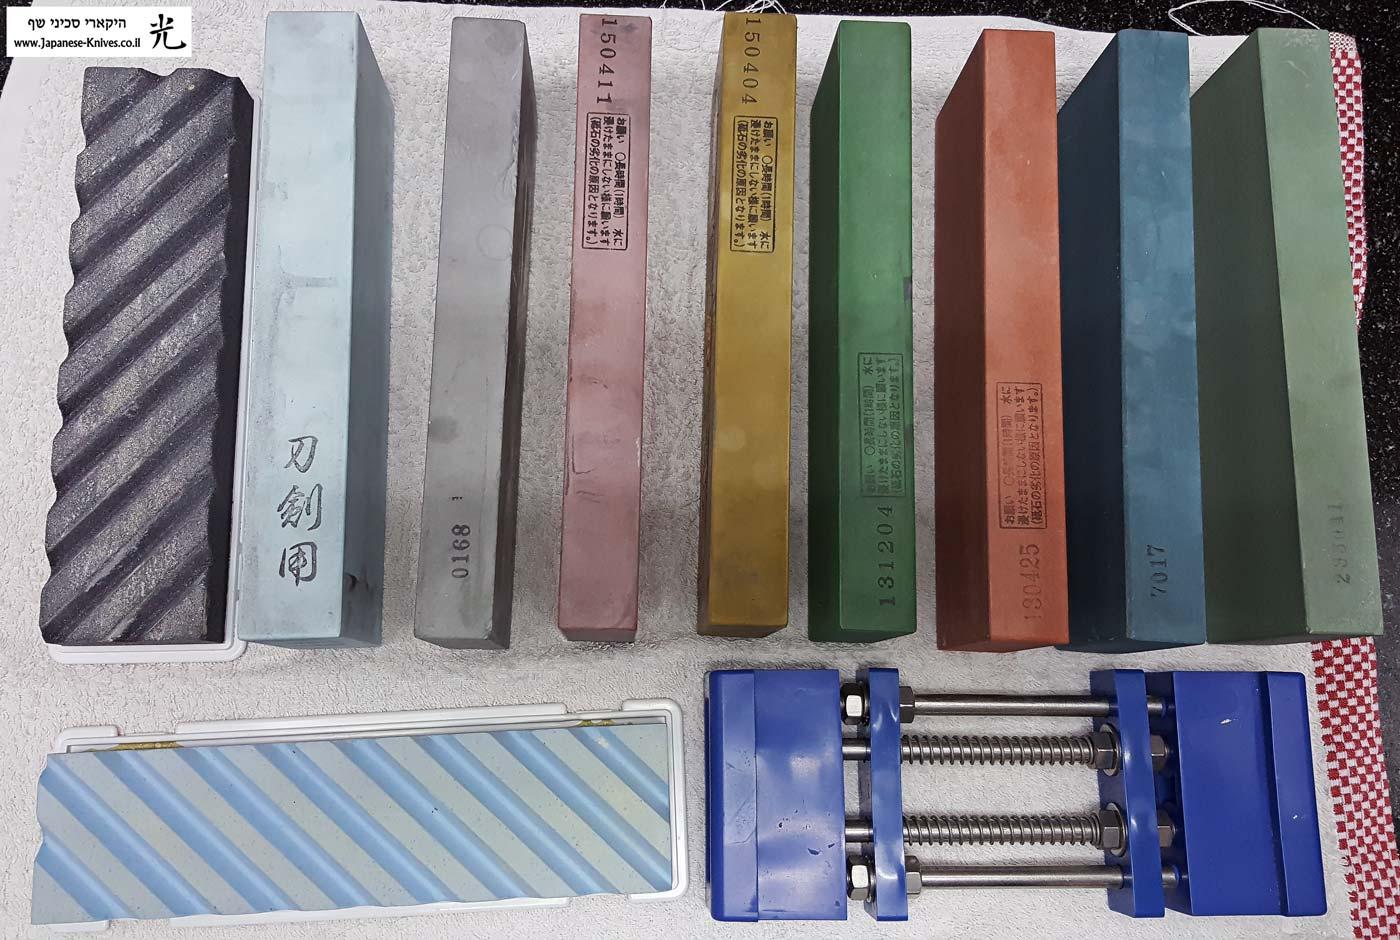 שירות השחזה מקצועית לסכין על גבי אבני מים יפניות סנטטיות